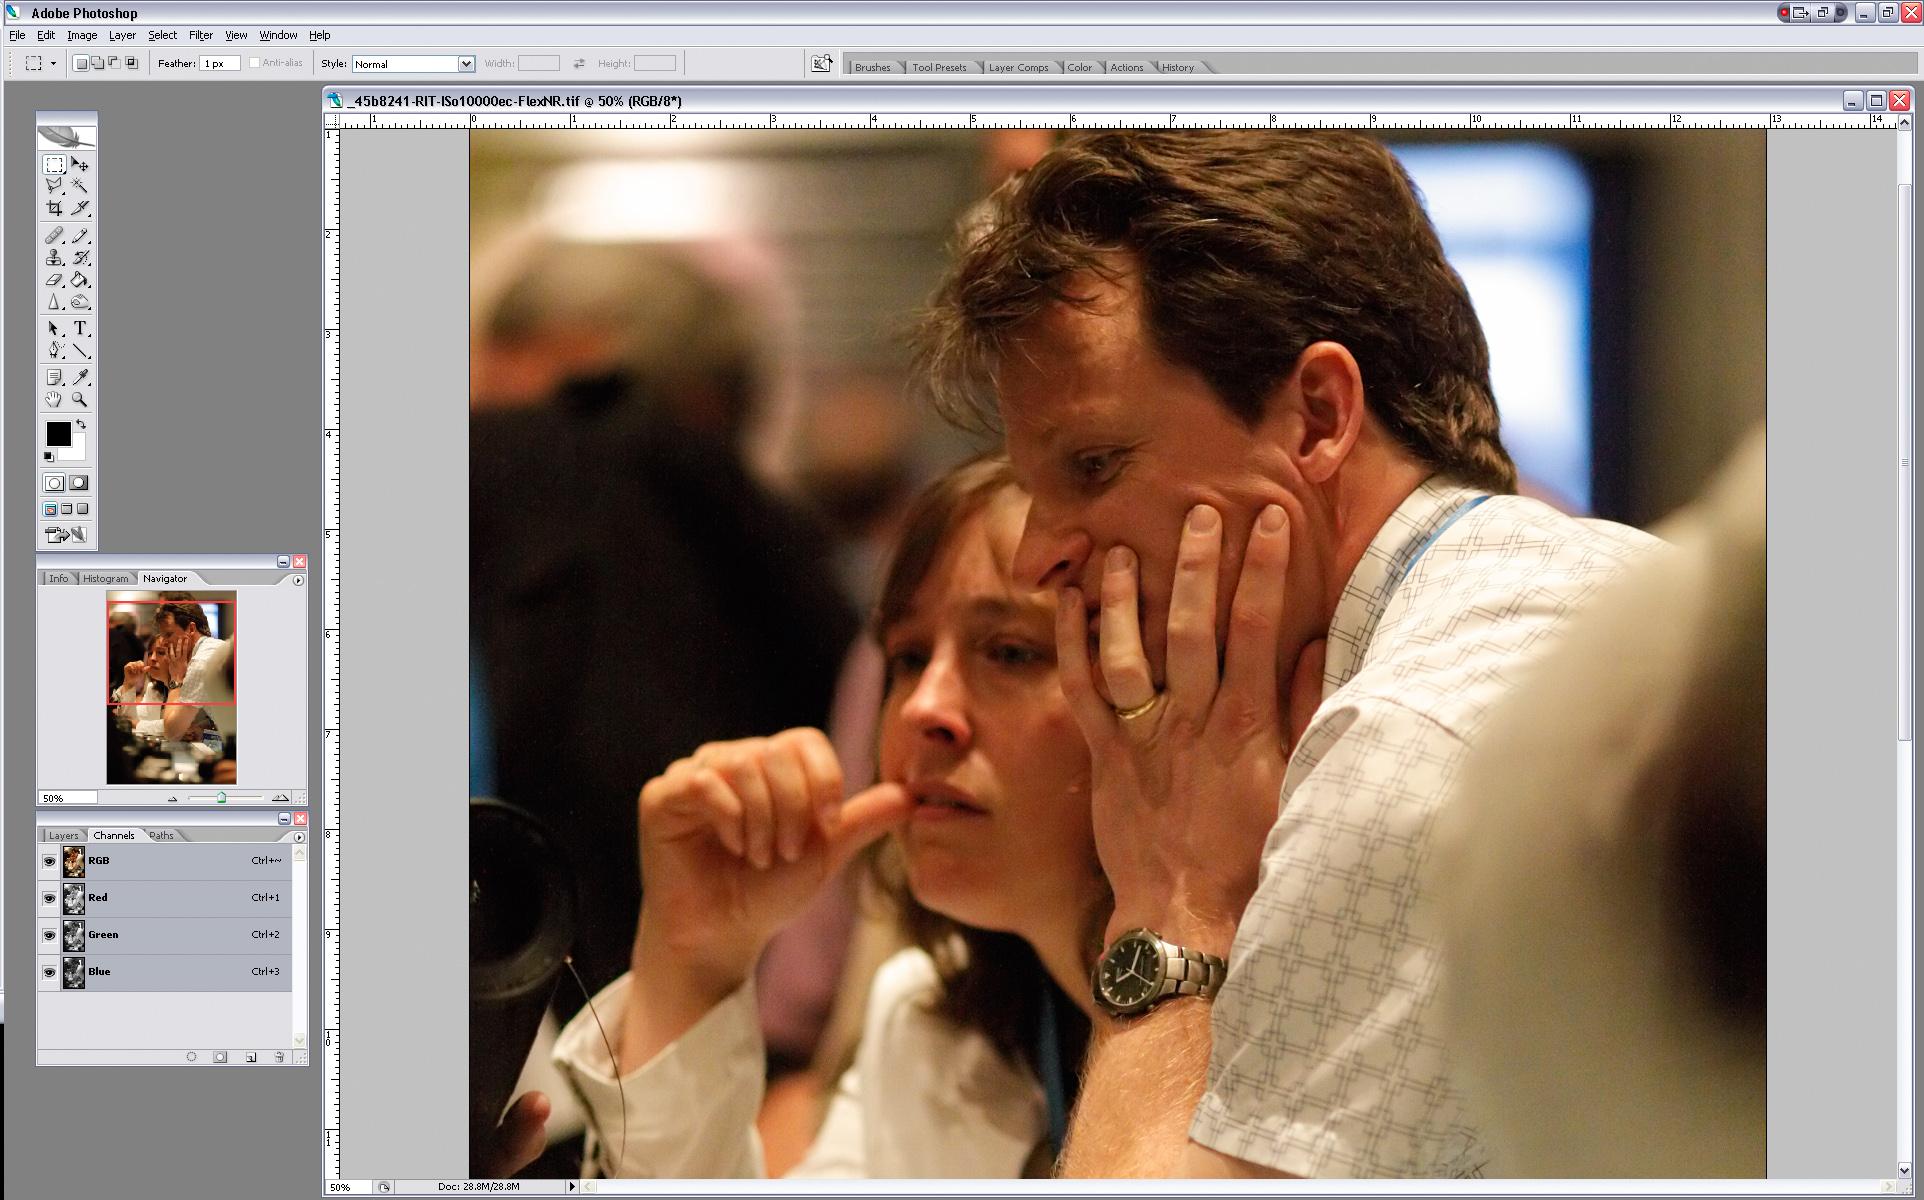 ScreenShot1D3-ISo10000ec-FlexNR-1.jpg